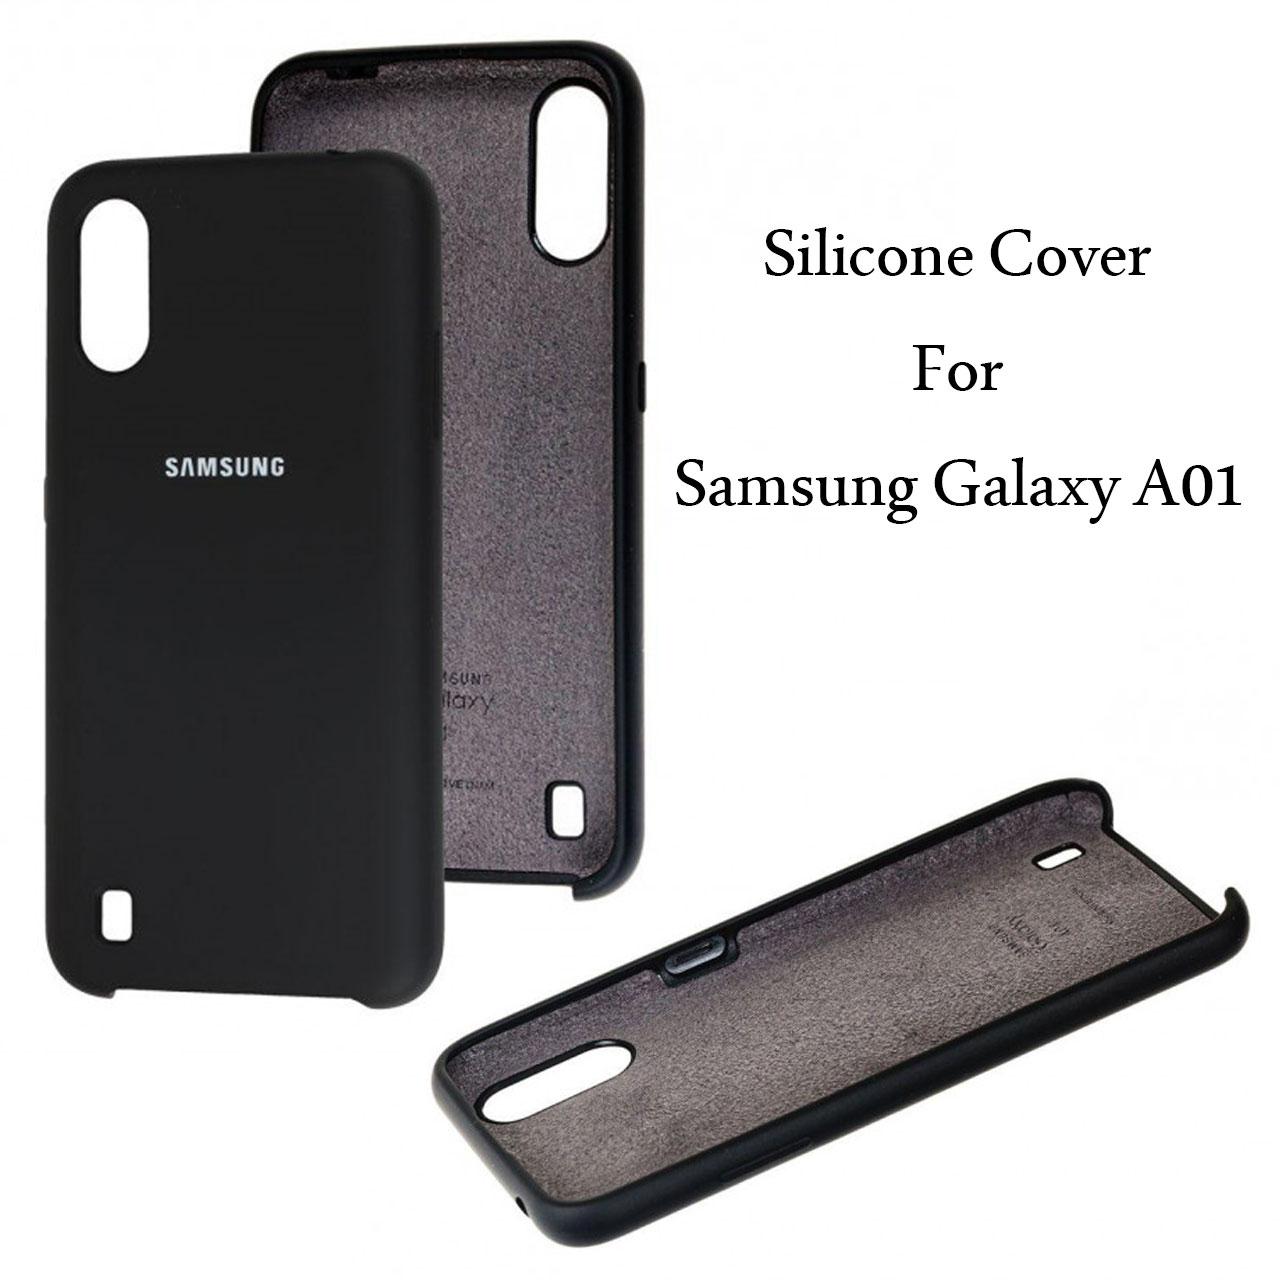 کاور مدل SLCN مناسب برای گوشی موبایل سامسونگ Galaxy A01 main 1 7